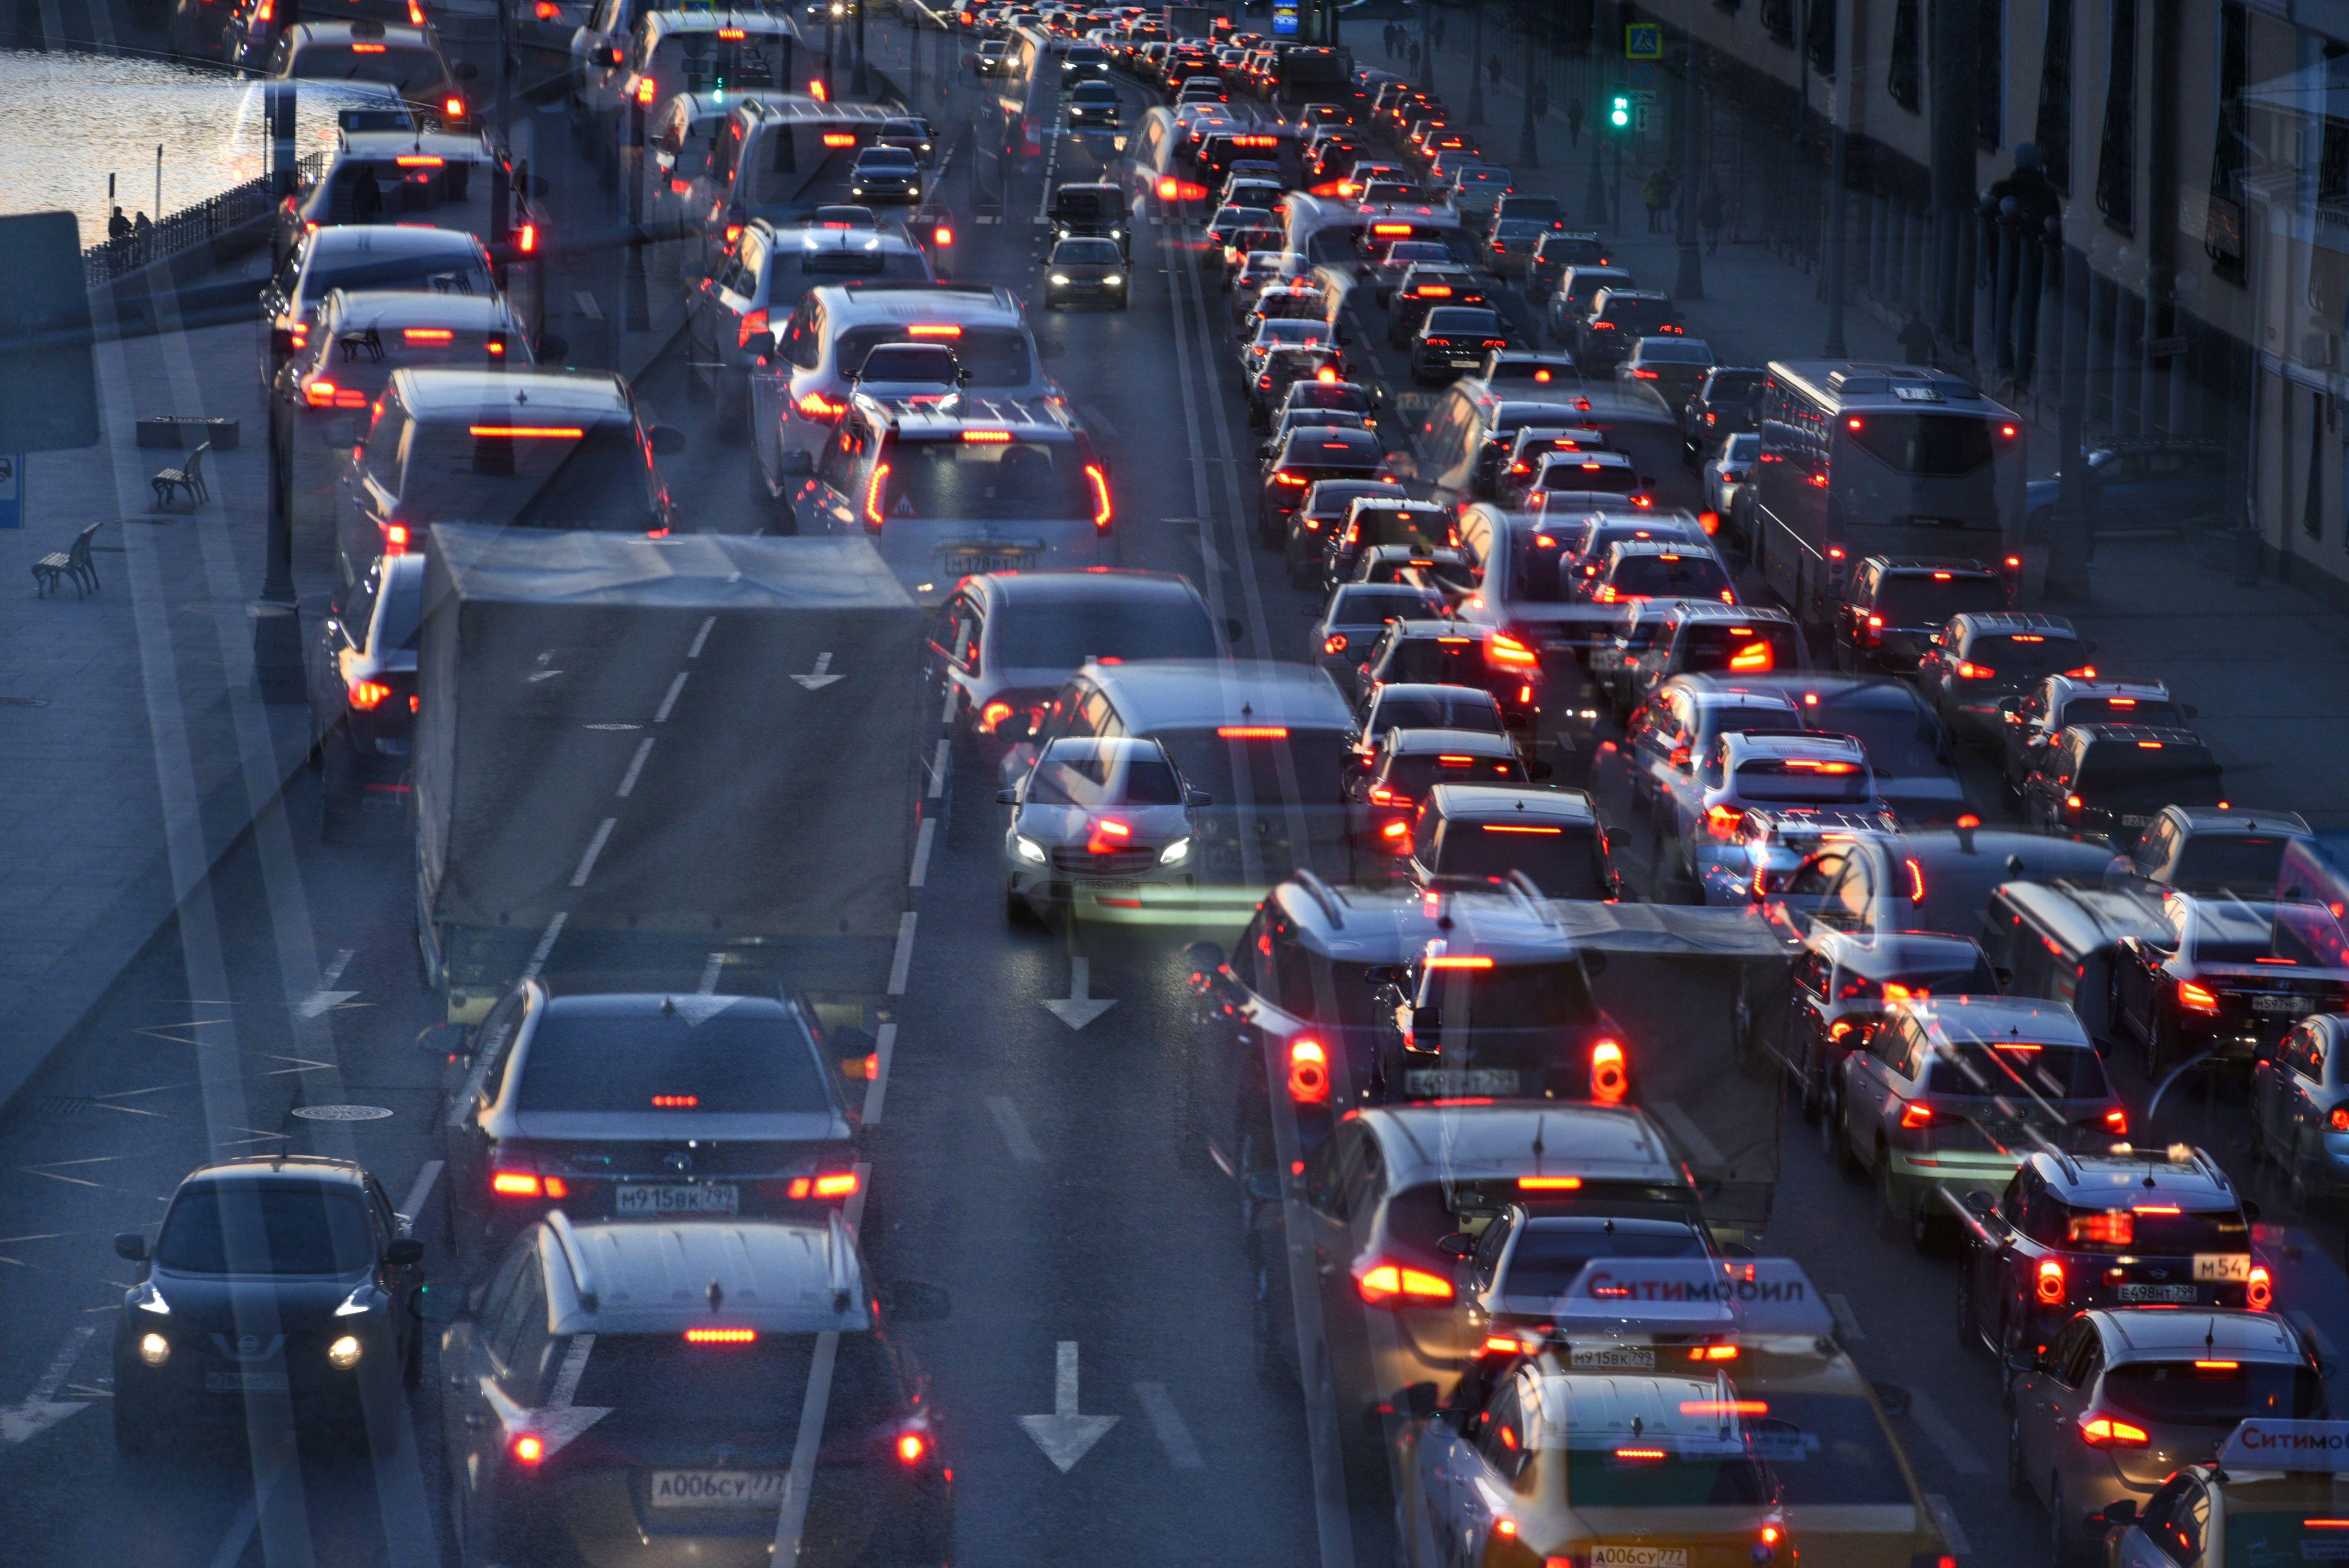 Специалисты ЦОДД предупредили о заморозках на дорогах